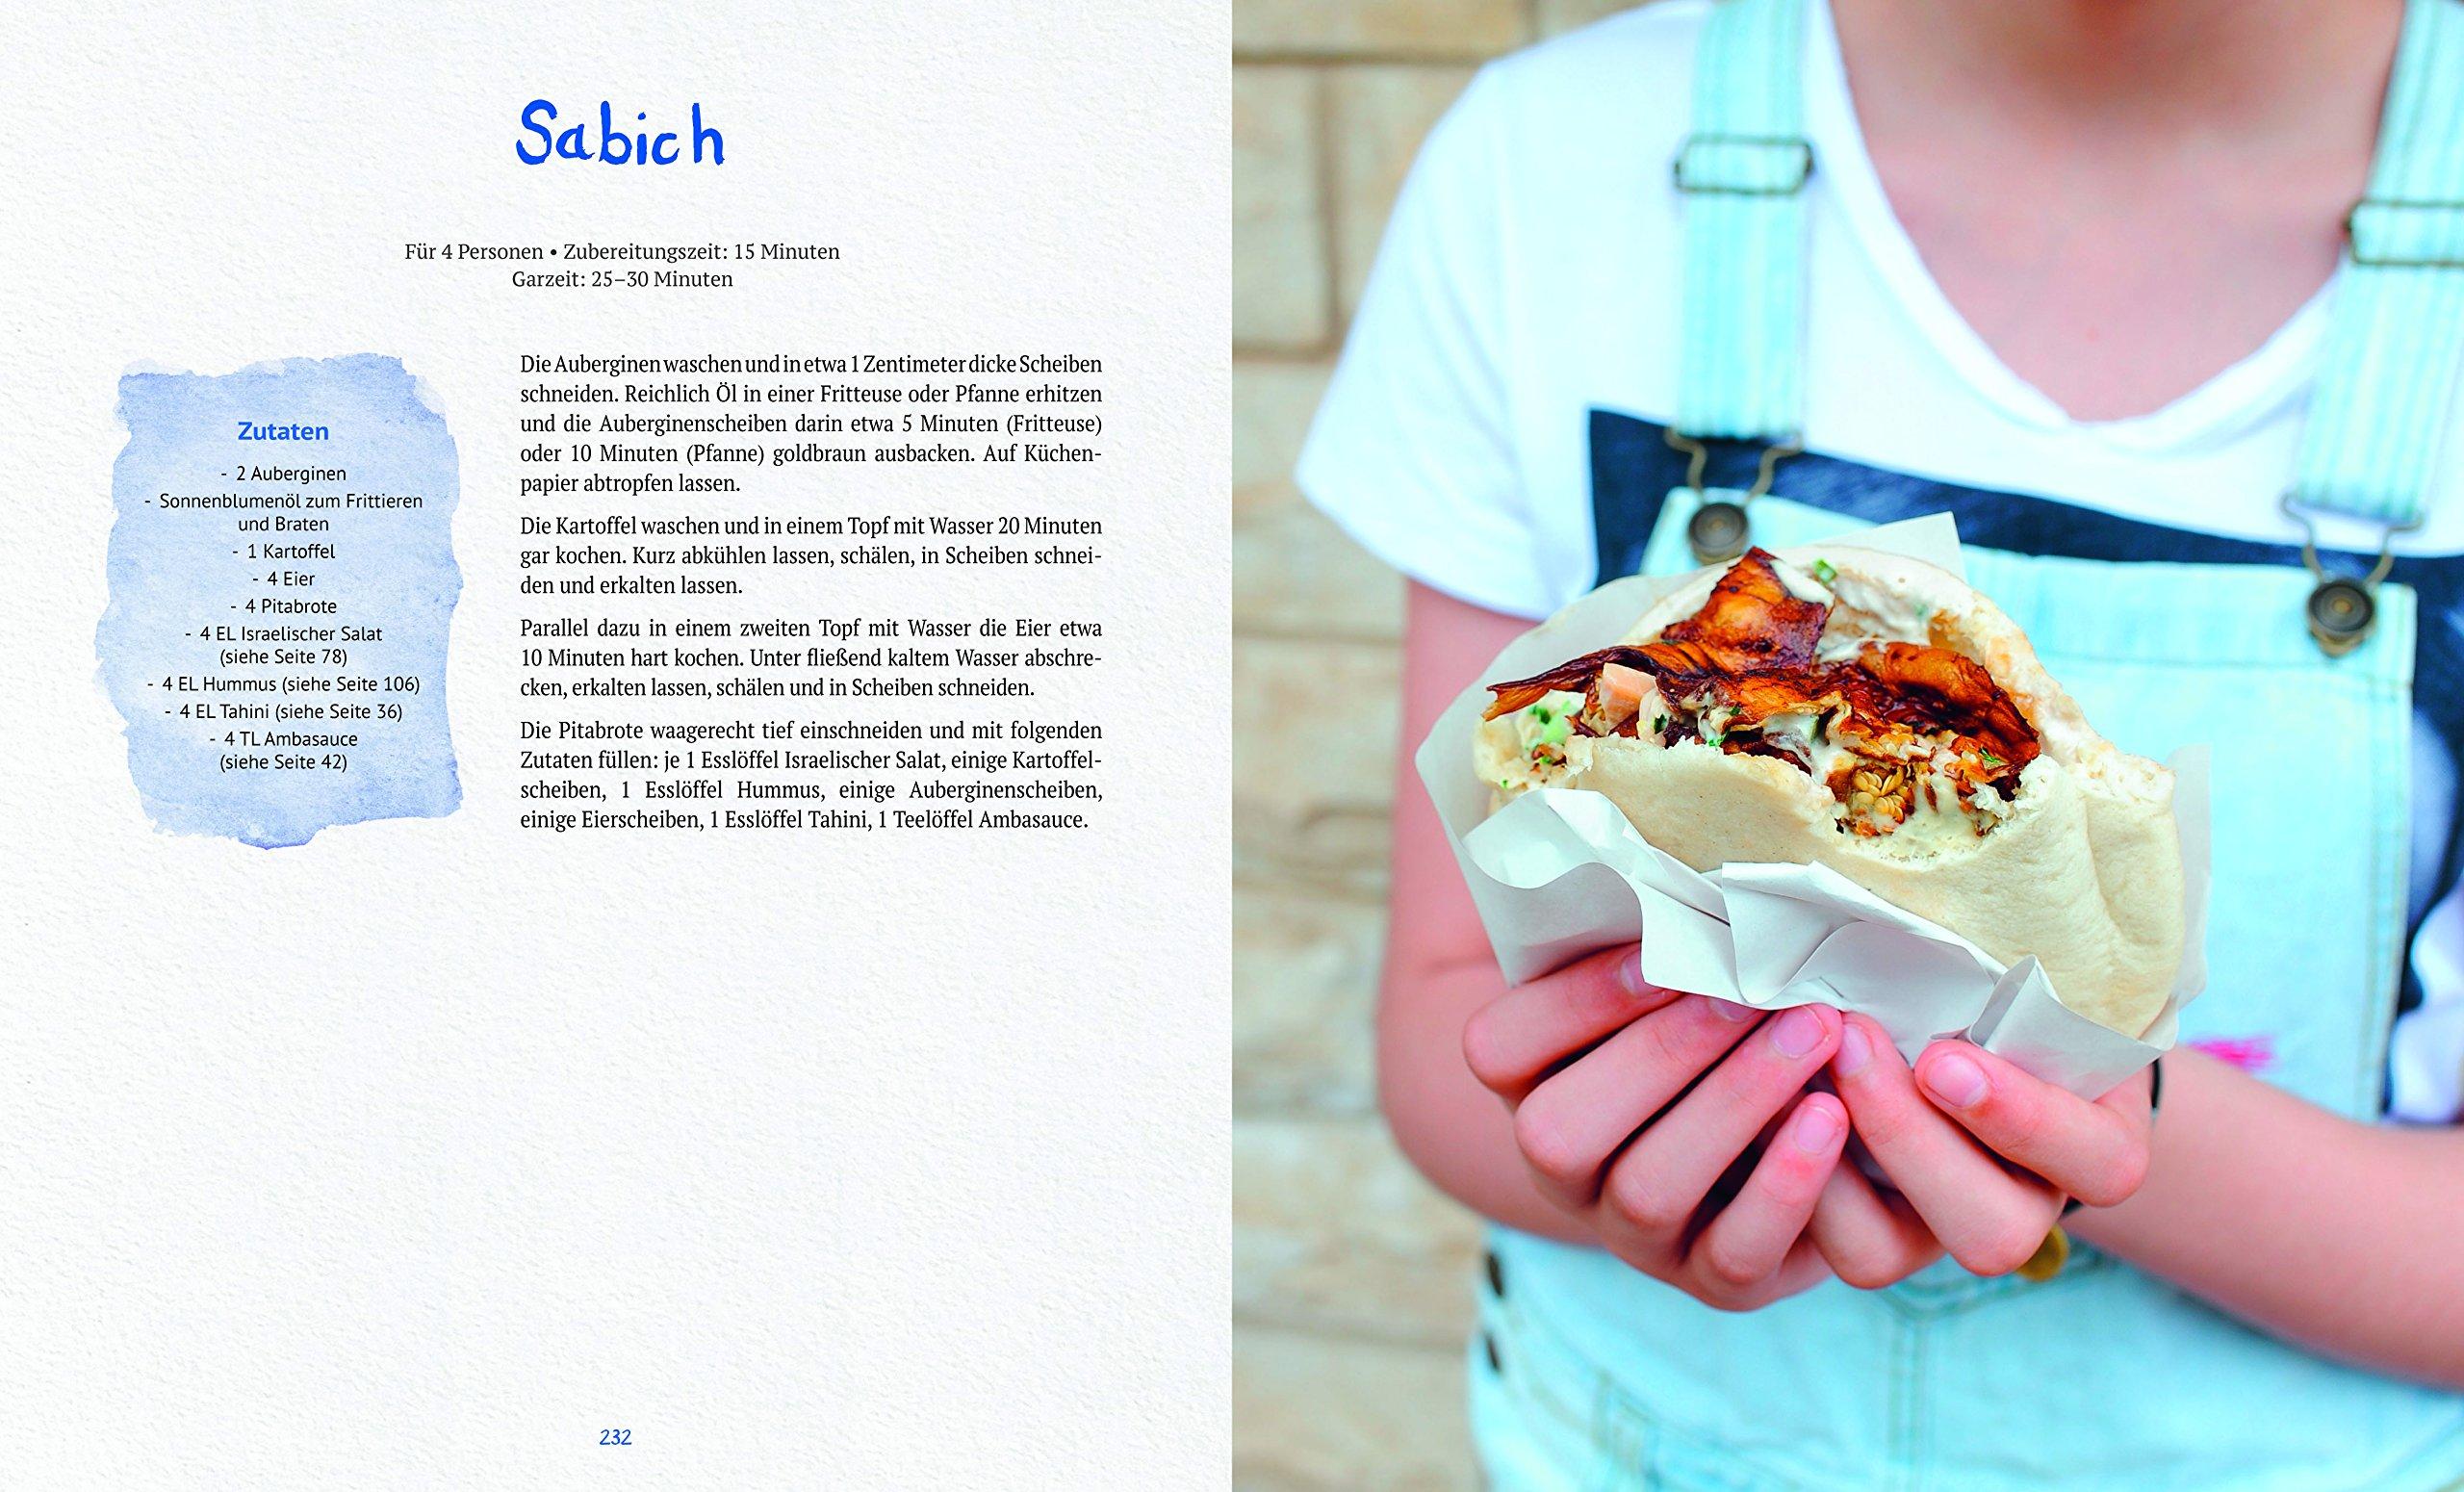 Die jüdische küche eine kulinarische reise zwischen tradition und moderne mit über 160 rezepten amazon de annabelle schachmes bücher